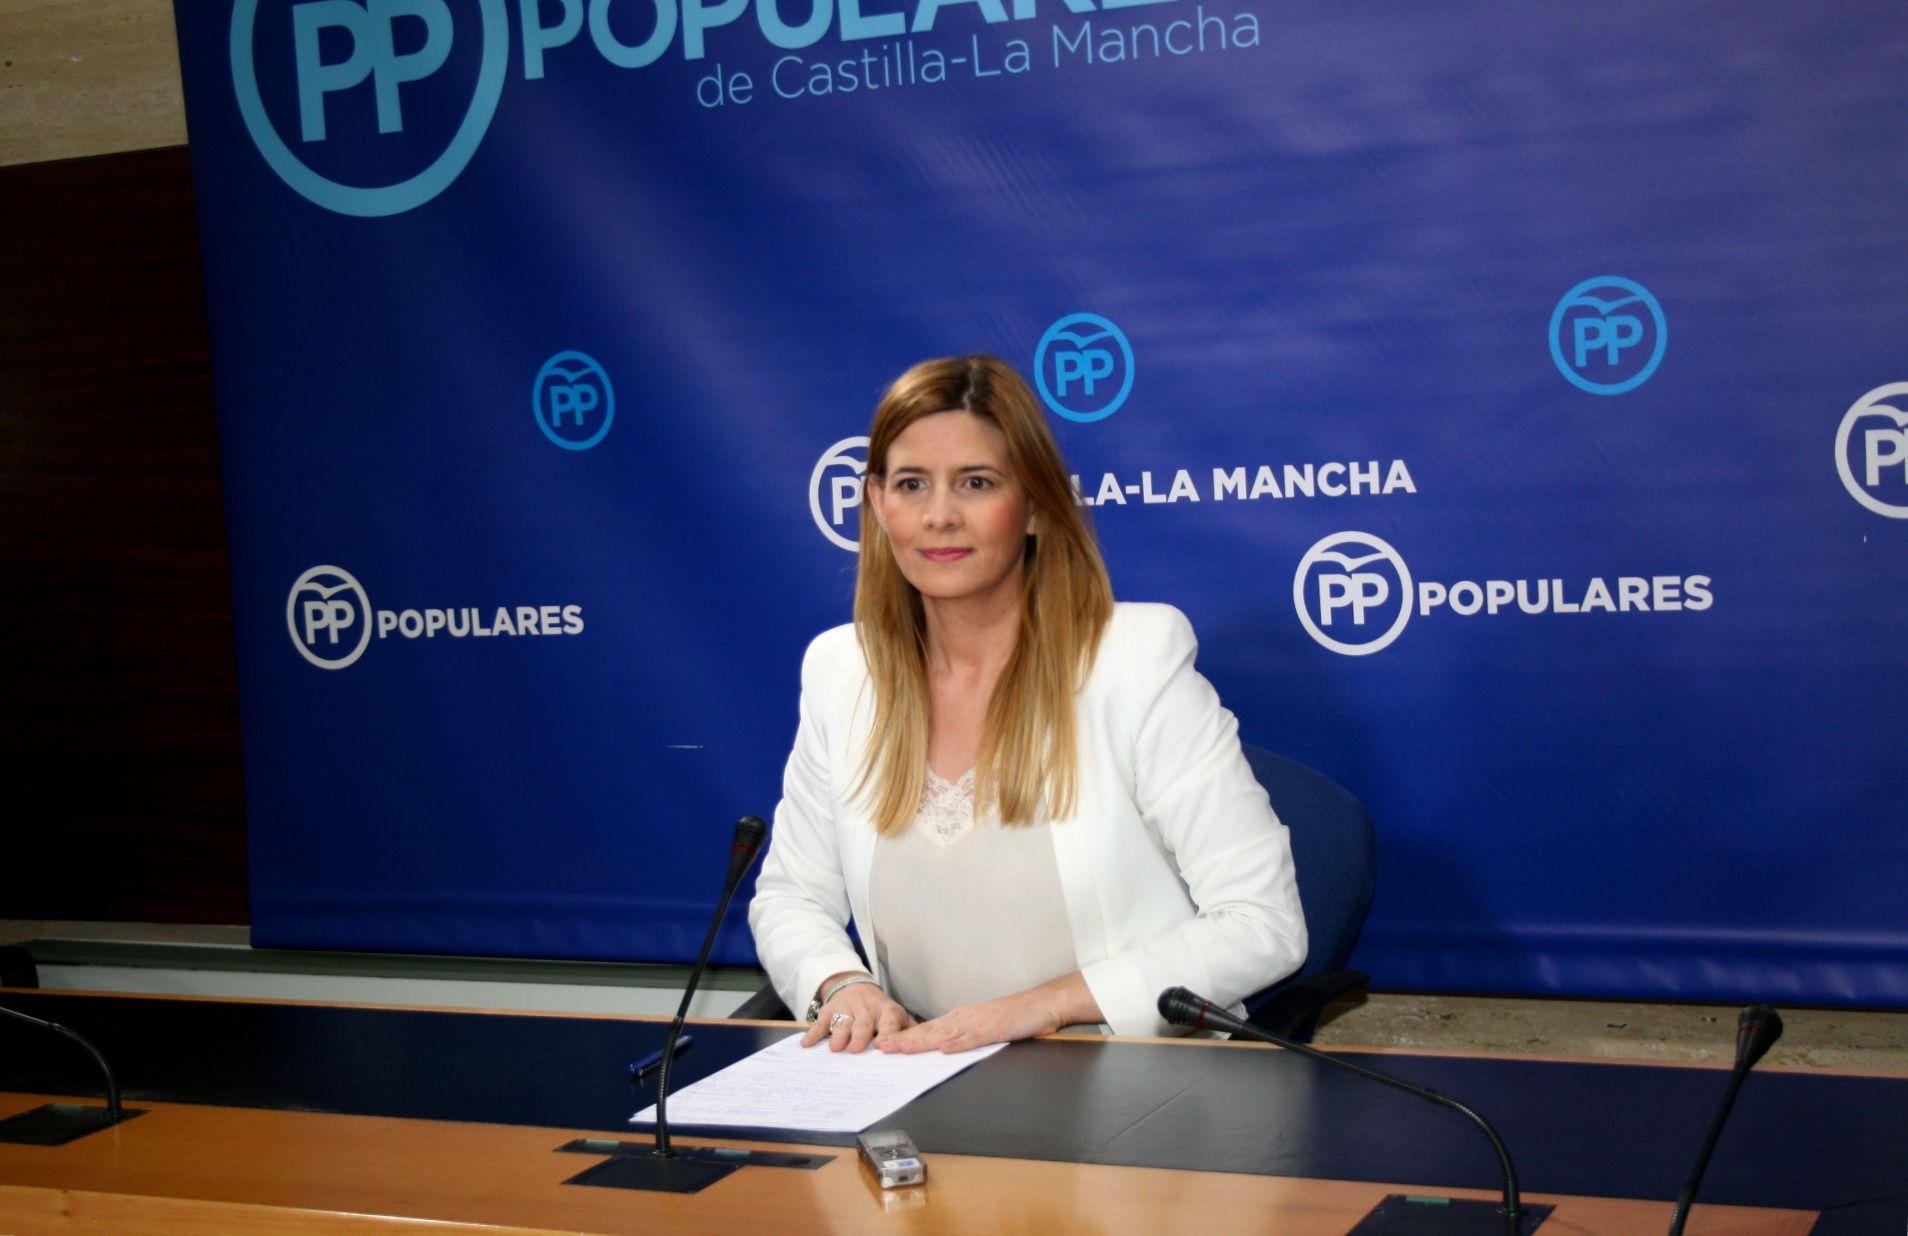 Agudo anuncia que la Junta Electoral Central condena las trampas de Page por saltarse la Ley utilizando el dinero de todos los castellanomanchegos